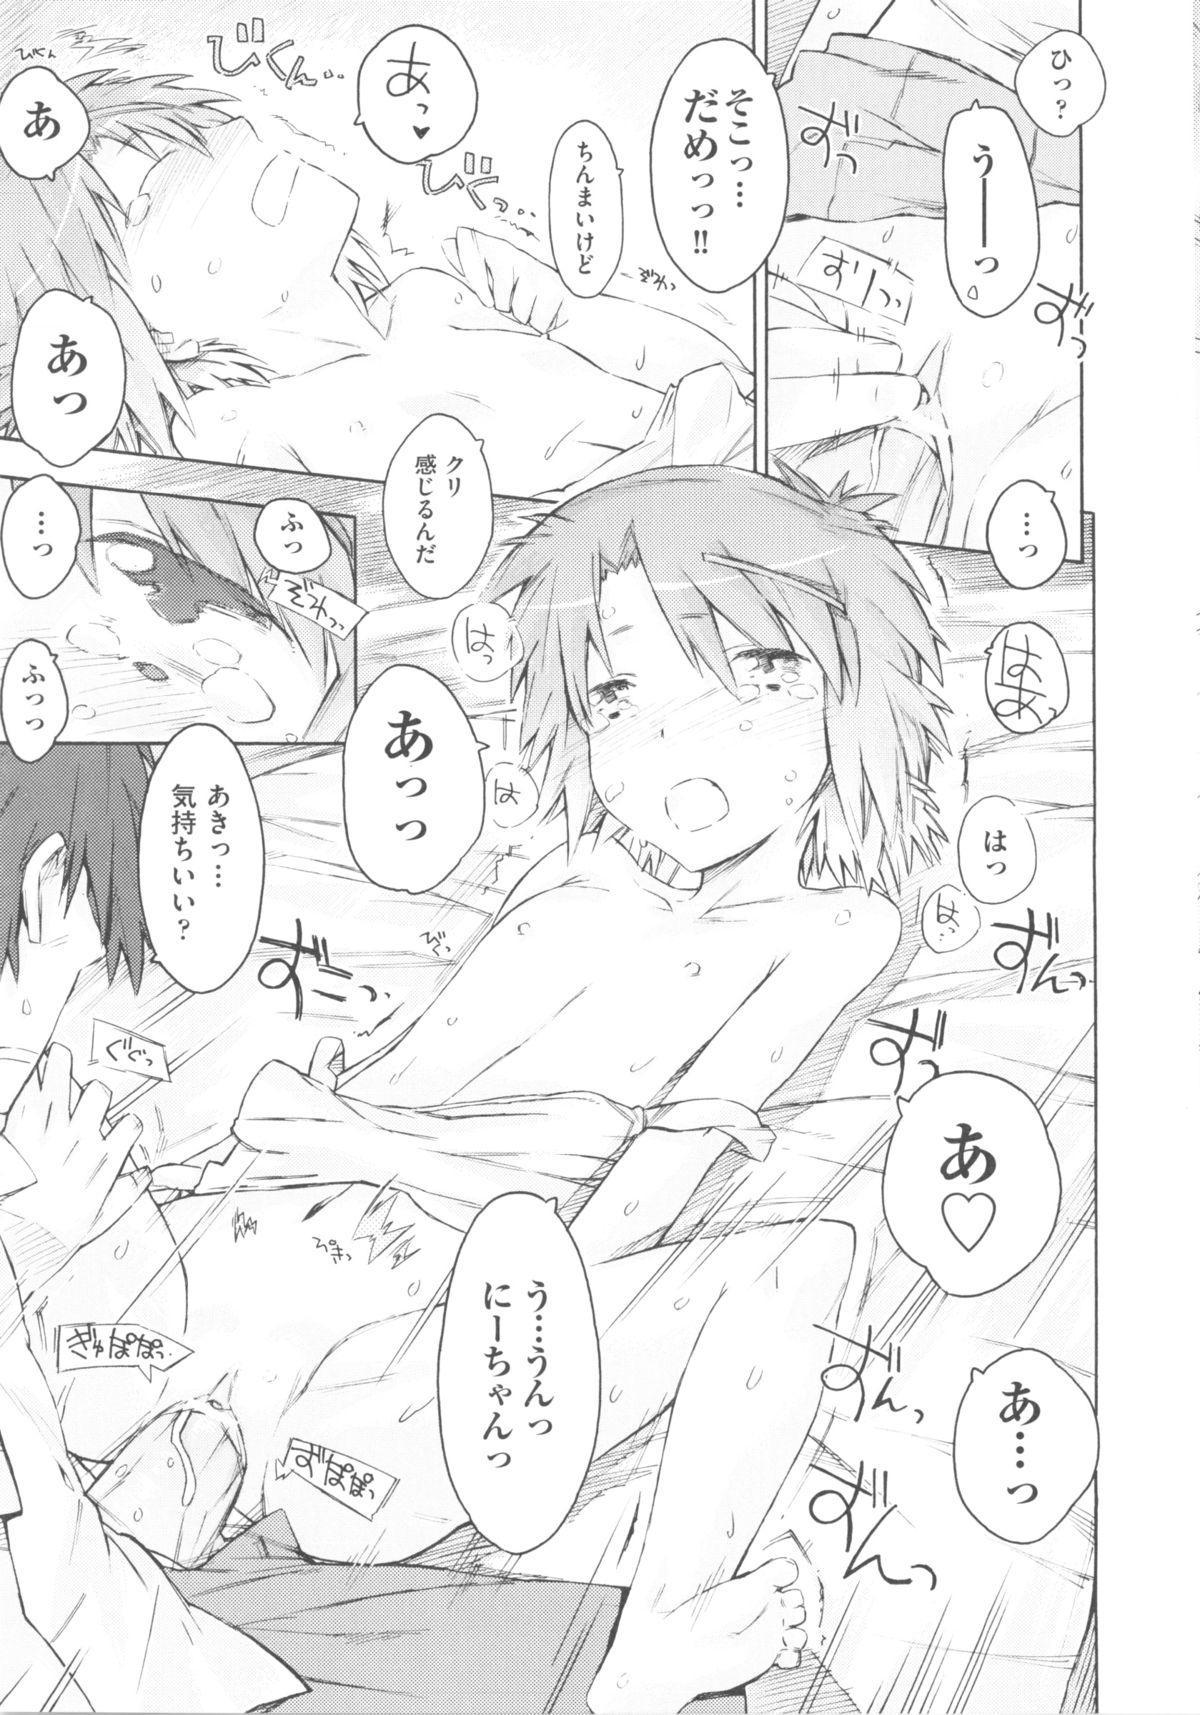 Comic Ino. 04 88